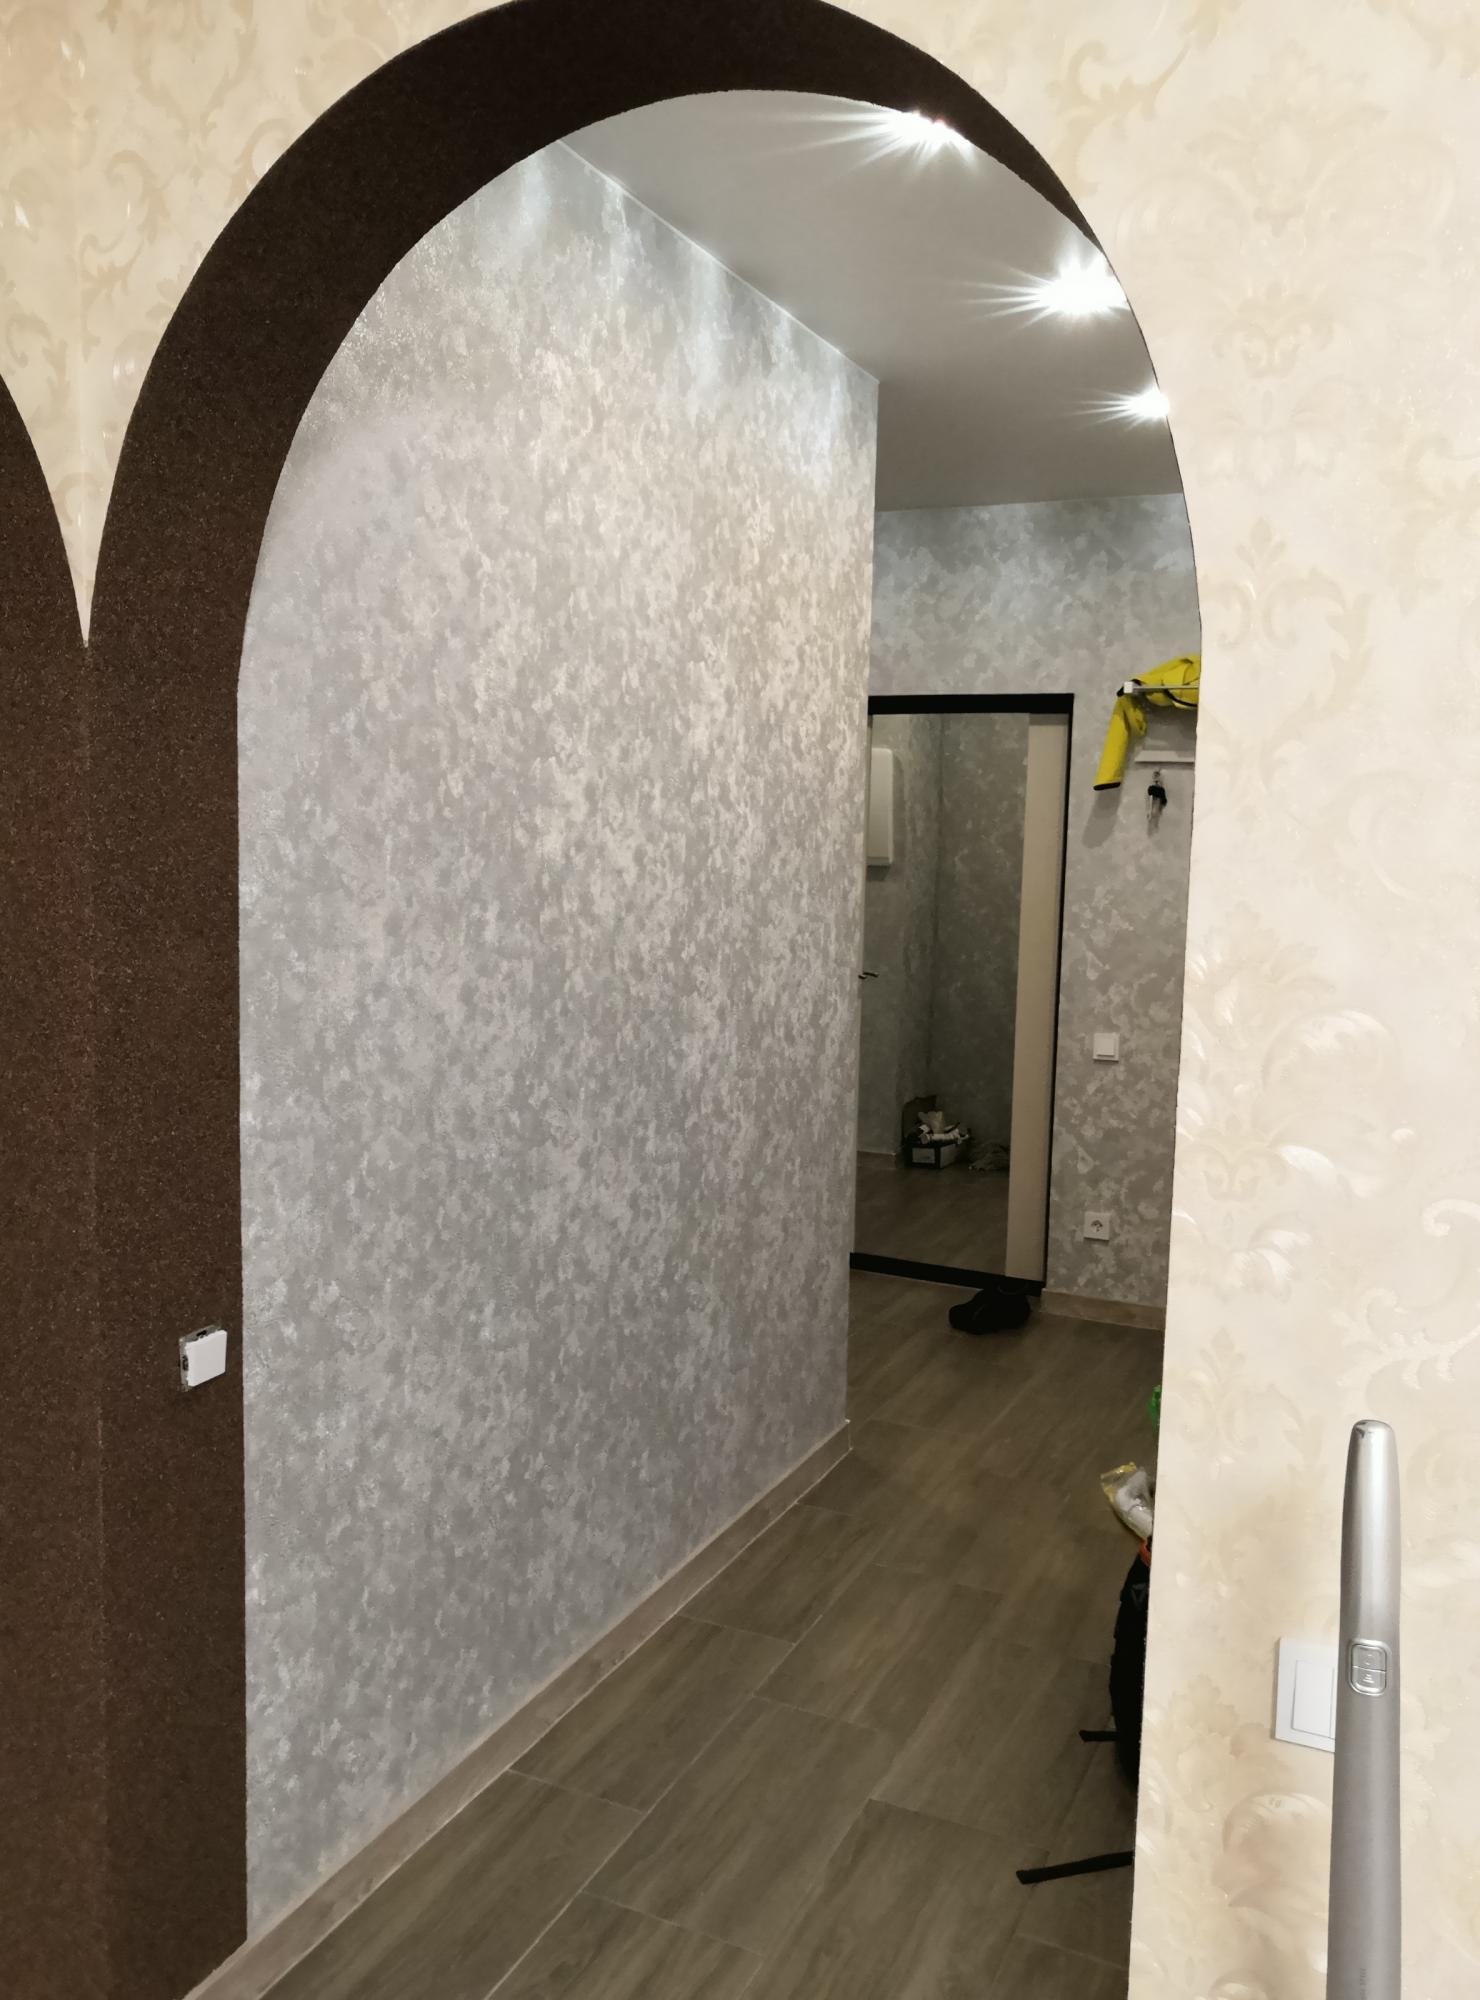 Квартира, 3 комнаты, 74 м² в Щербинке 89990025182 купить 6